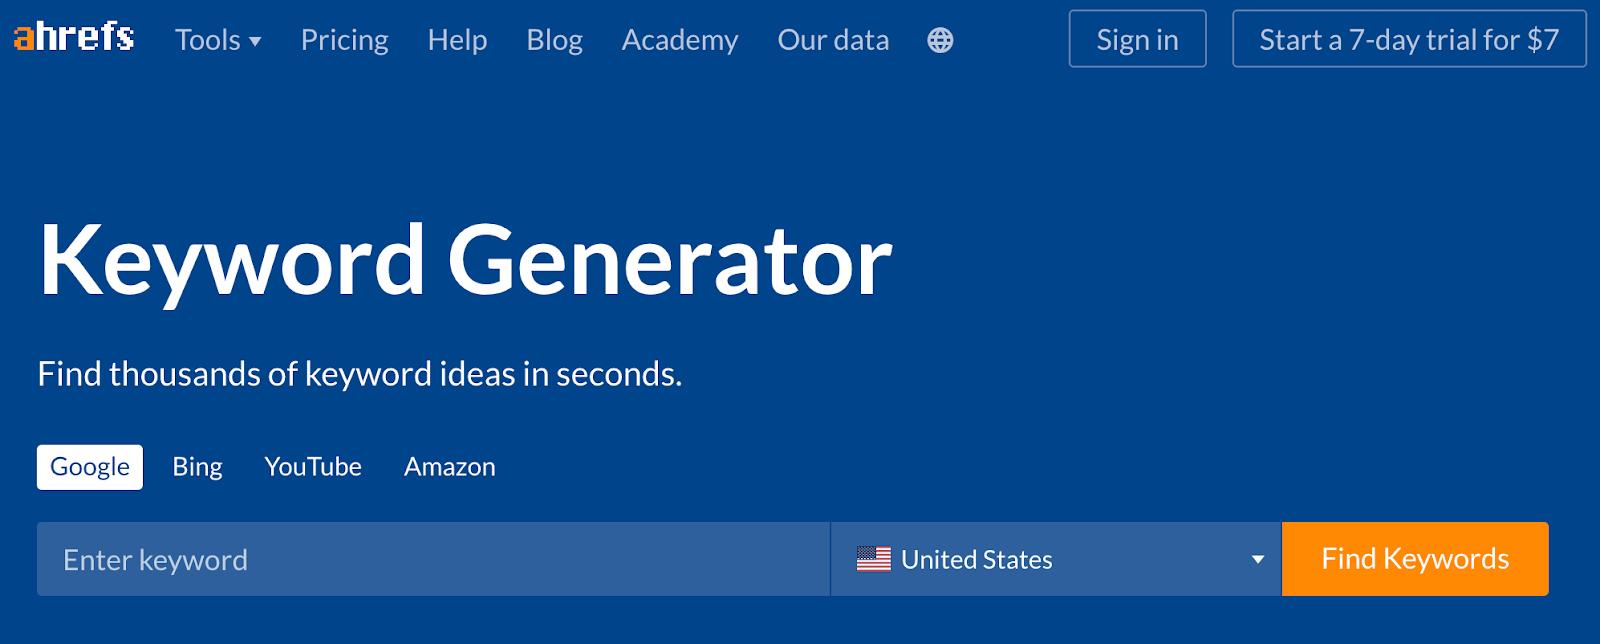 Ahrefs' Keyword Generator